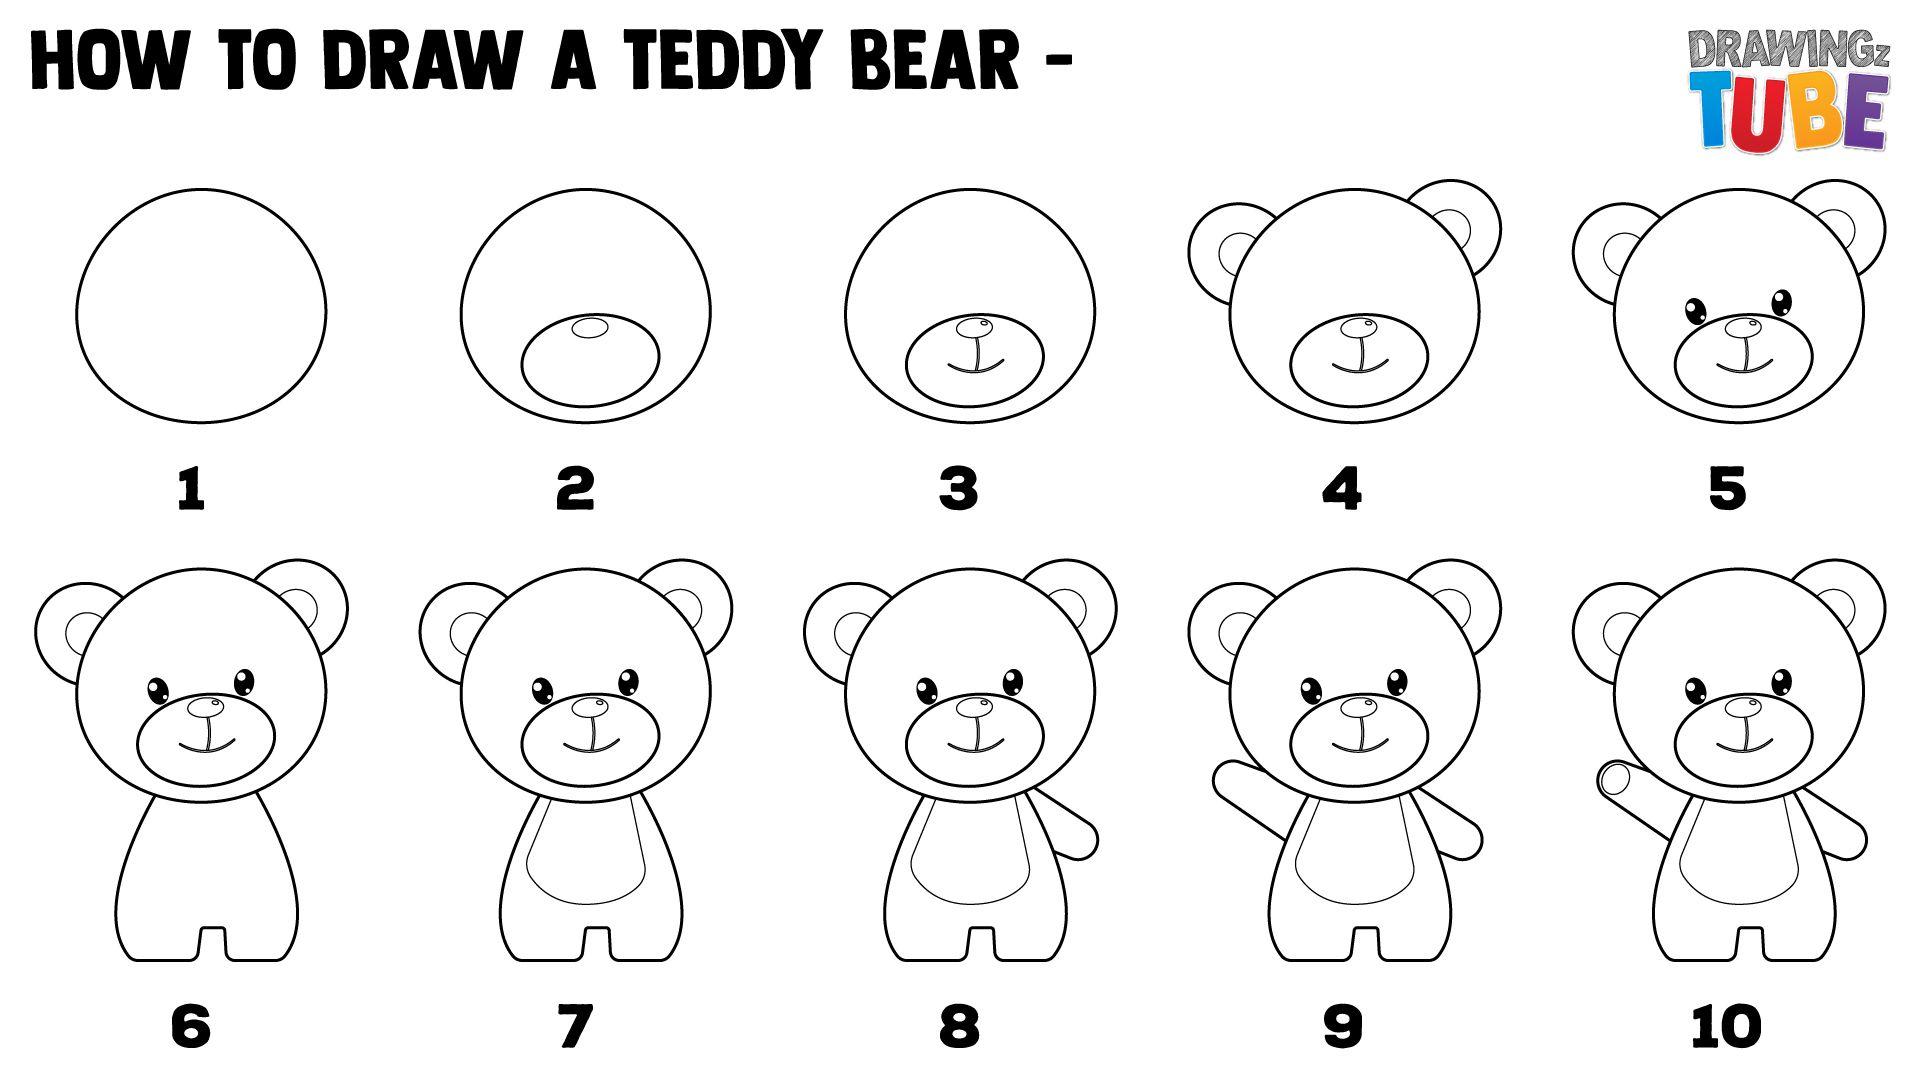 How To Draw A Teddy Bear For Kids Teddy Bear Drawing Easy Teddy Bear Drawing Teddy Bear Tattoos